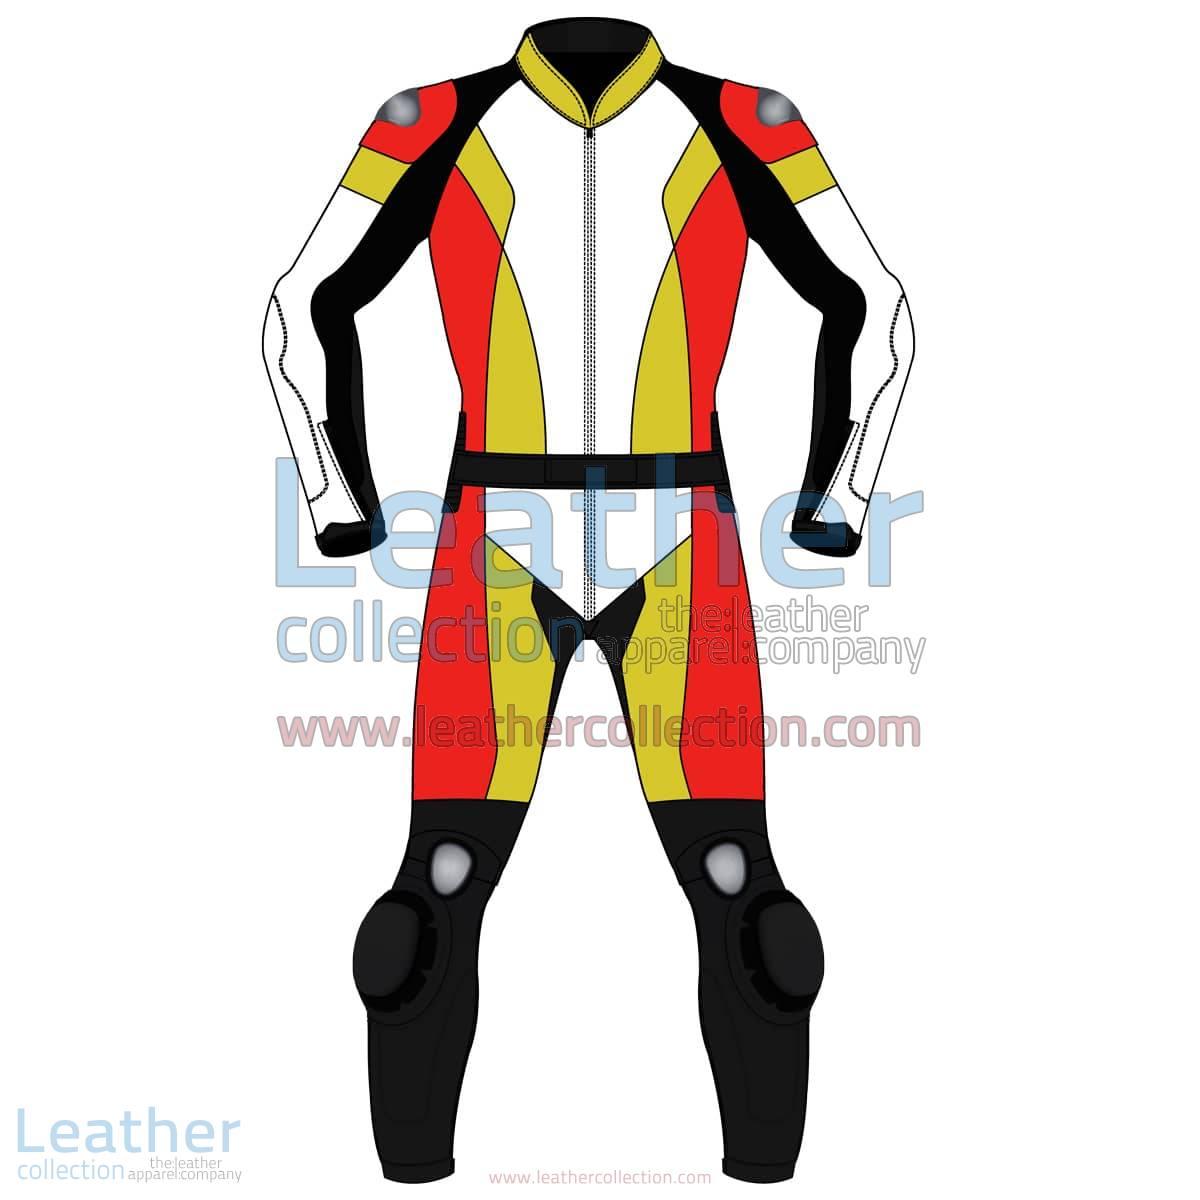 Quad Color Two-Piece Motorbike Leather Suit For Men | Quad Color Two-Piece motorcycle Leather Suit For Men